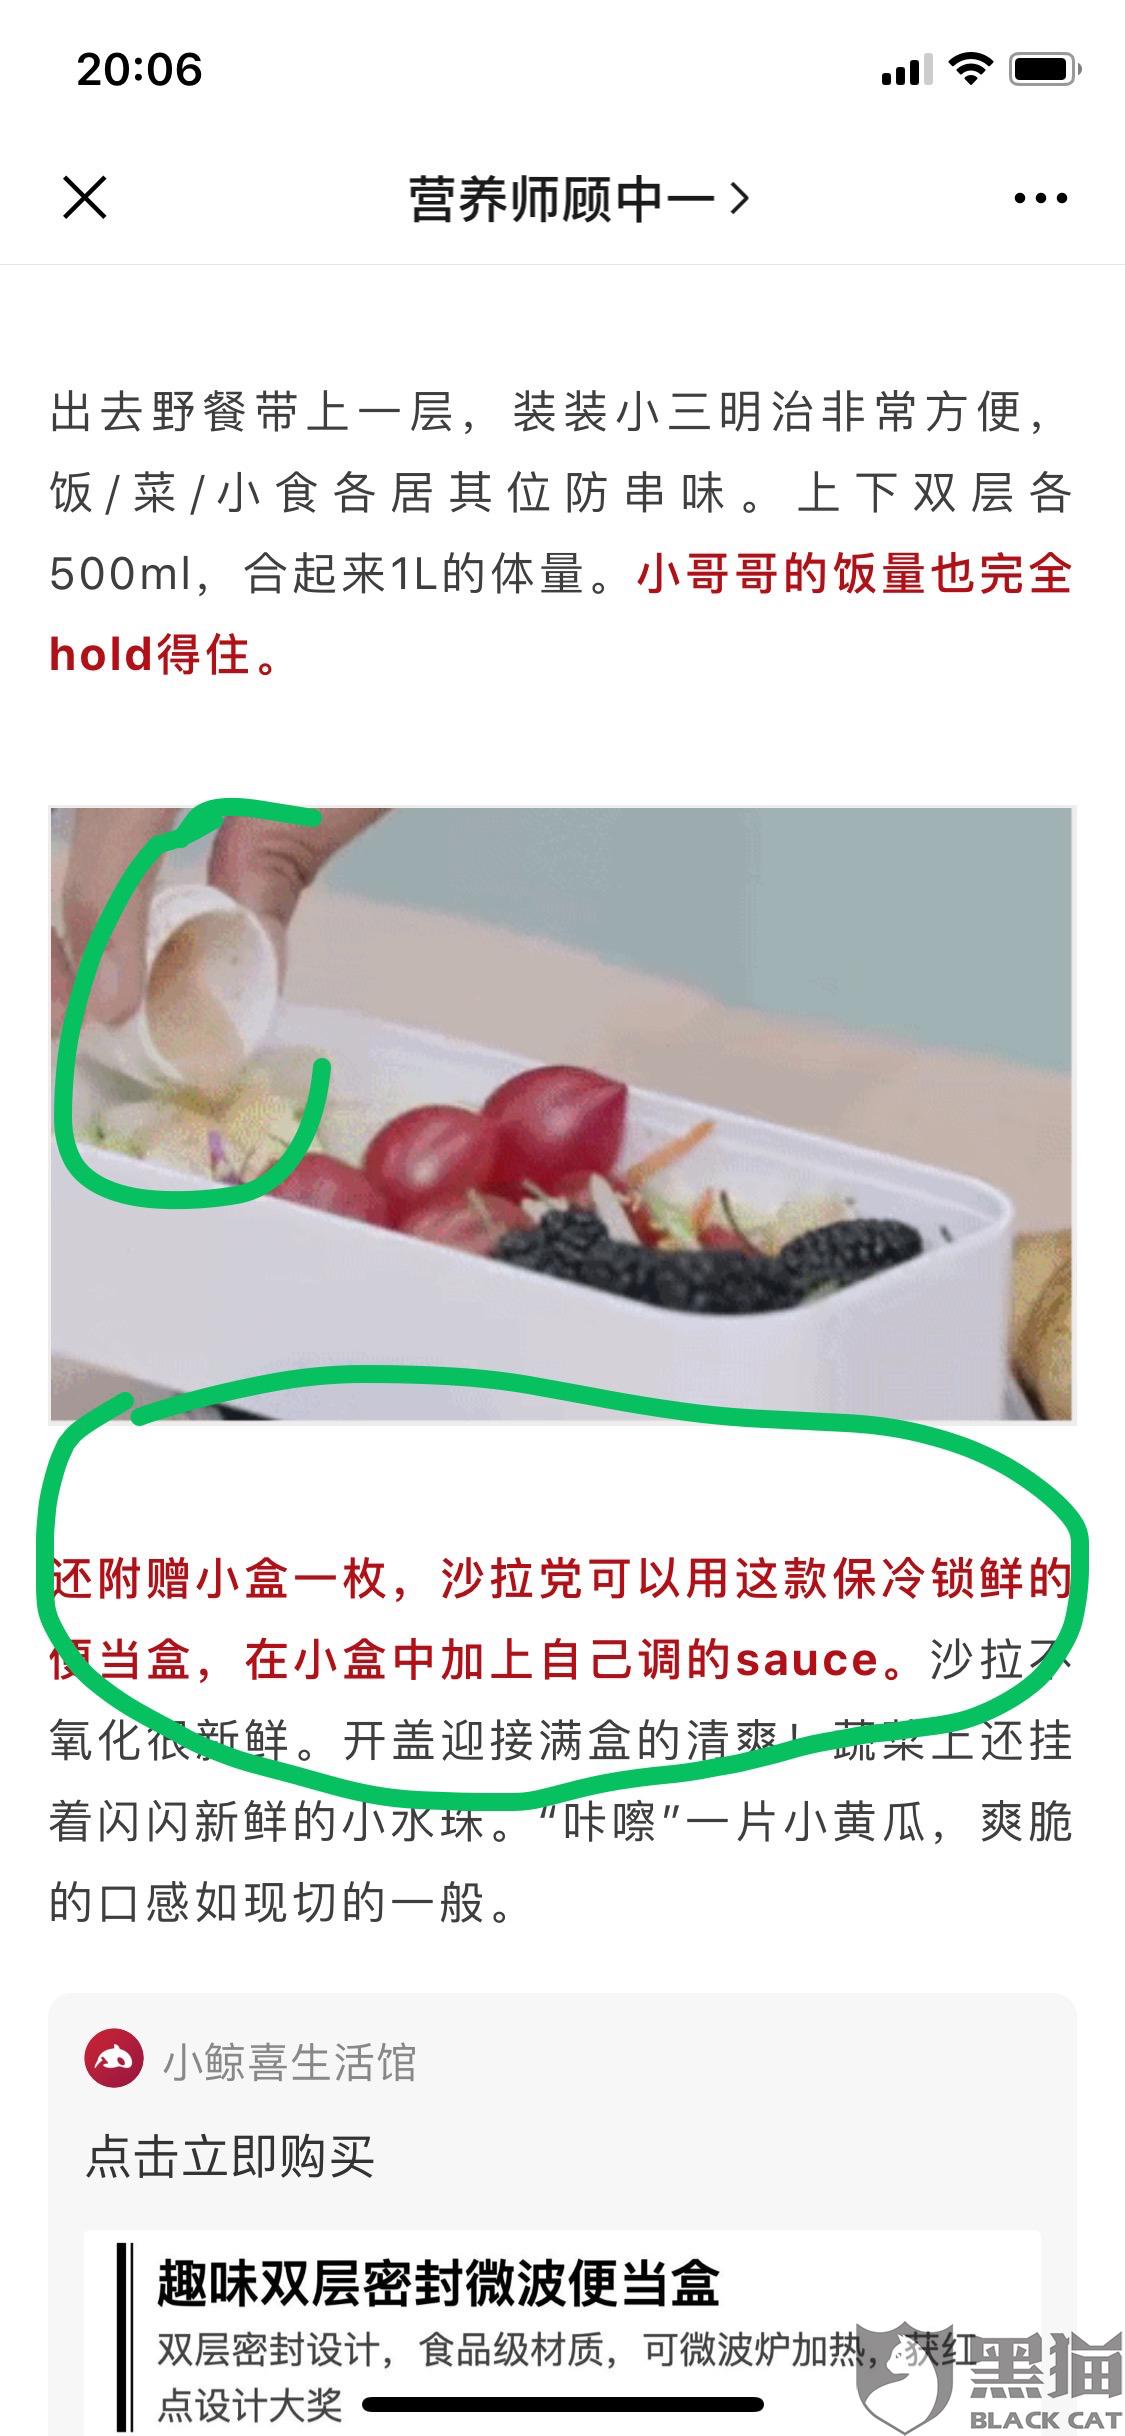 黑猫投诉:营养师顾中一公众号推送售卖的饭盒虚假宣传,不发赠品